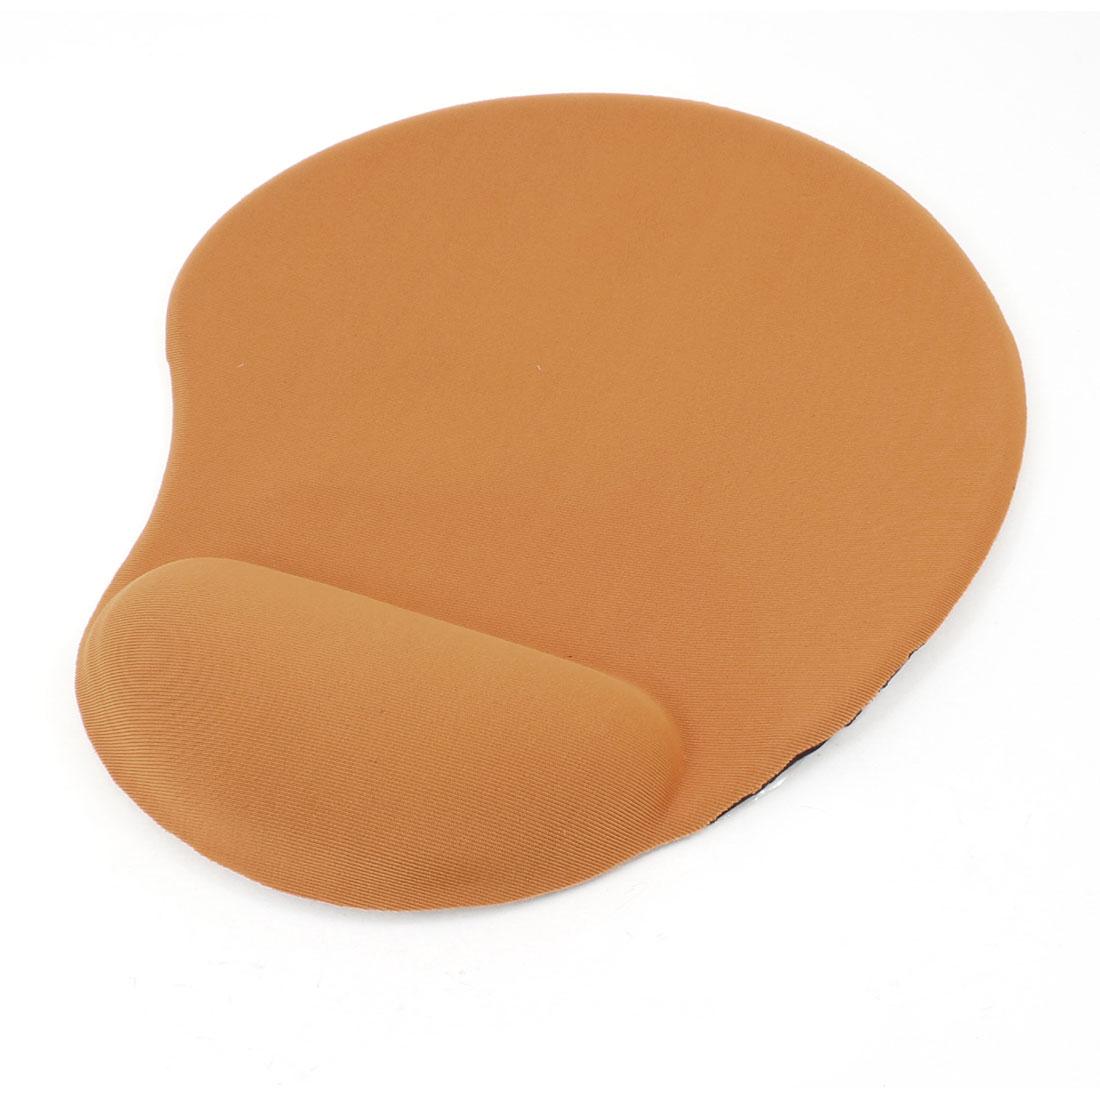 Orange Silicone Gel Wrist Rest Mouse Pad Mat for Laptop Desktop PC